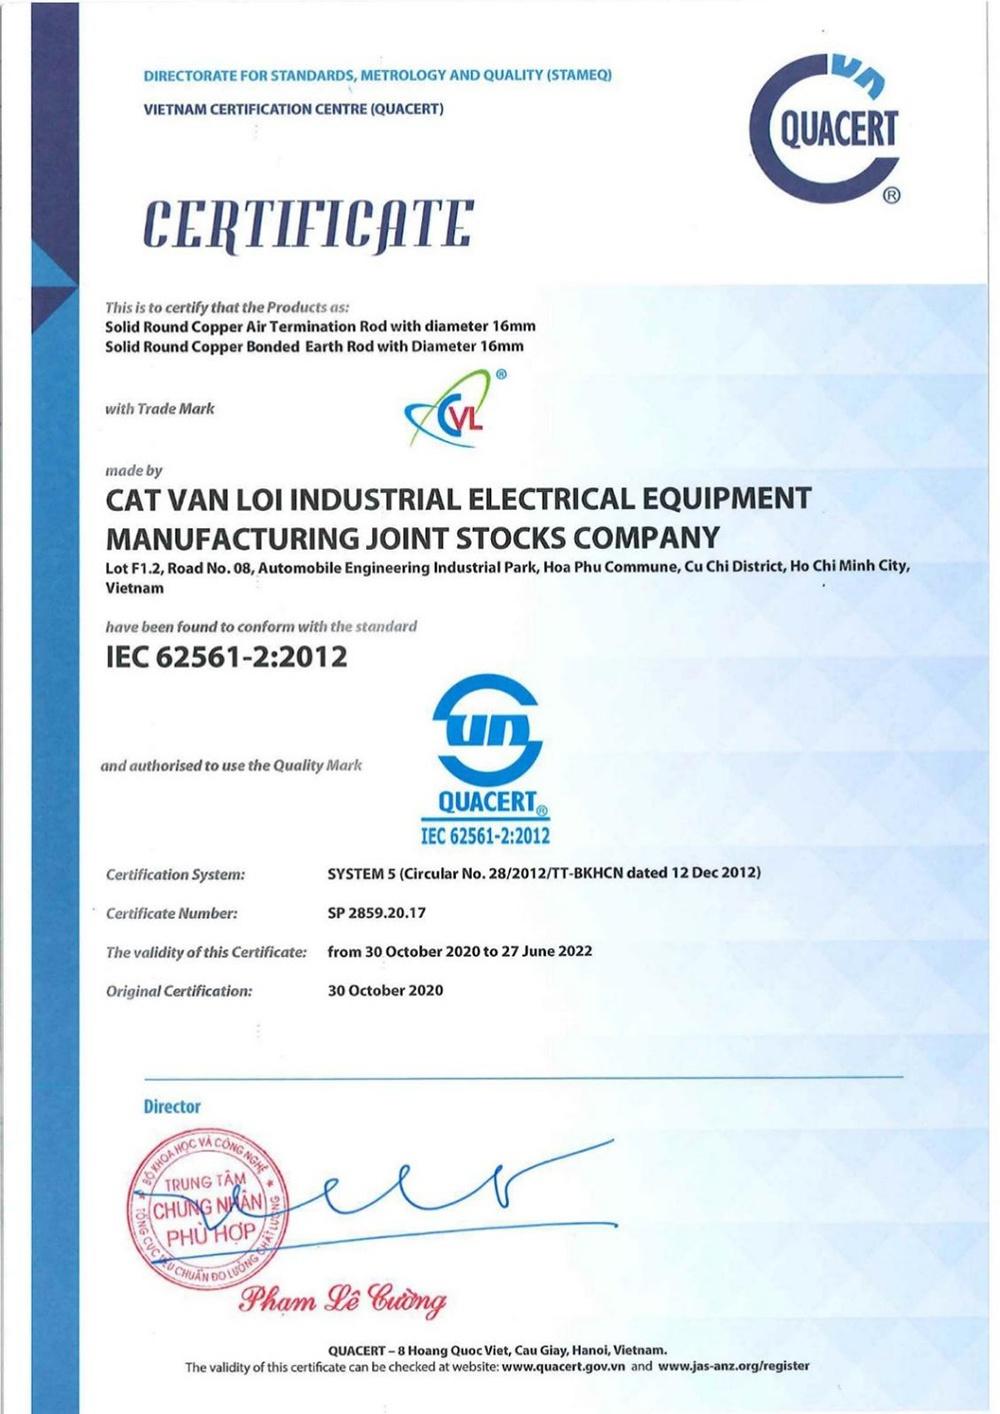 Hố kiểm tra tiếp địa bê tông Cát Vạn Lợi đạt tiêu chuẩn quốc tế IEC 62561